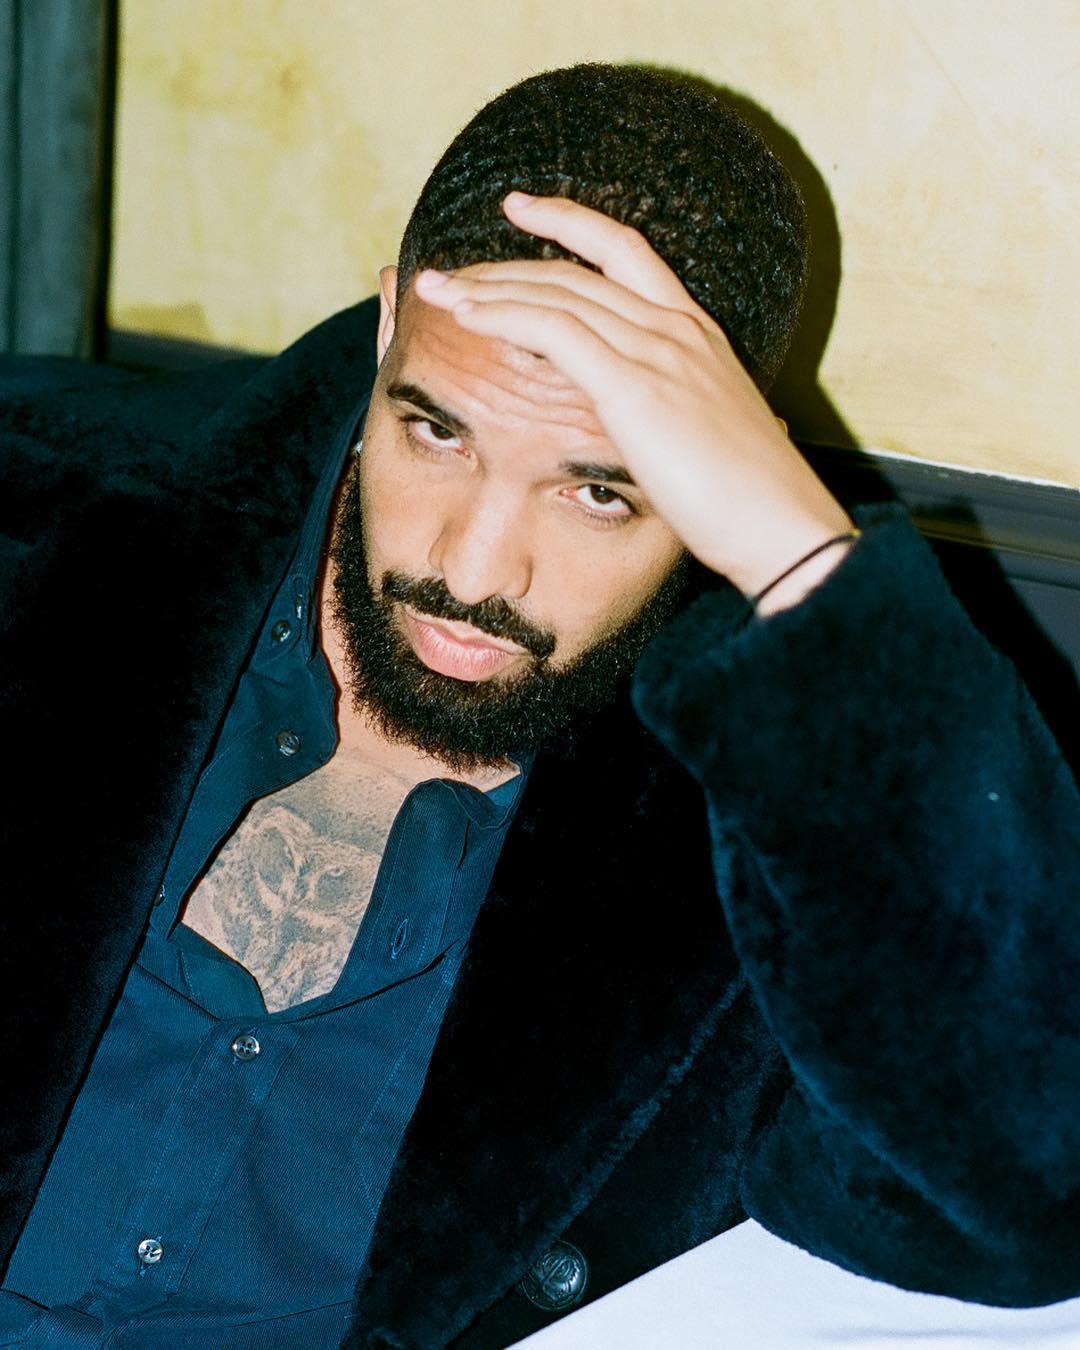 Confirmado el debut de Drake en Chile con show en el Estadio Nacional